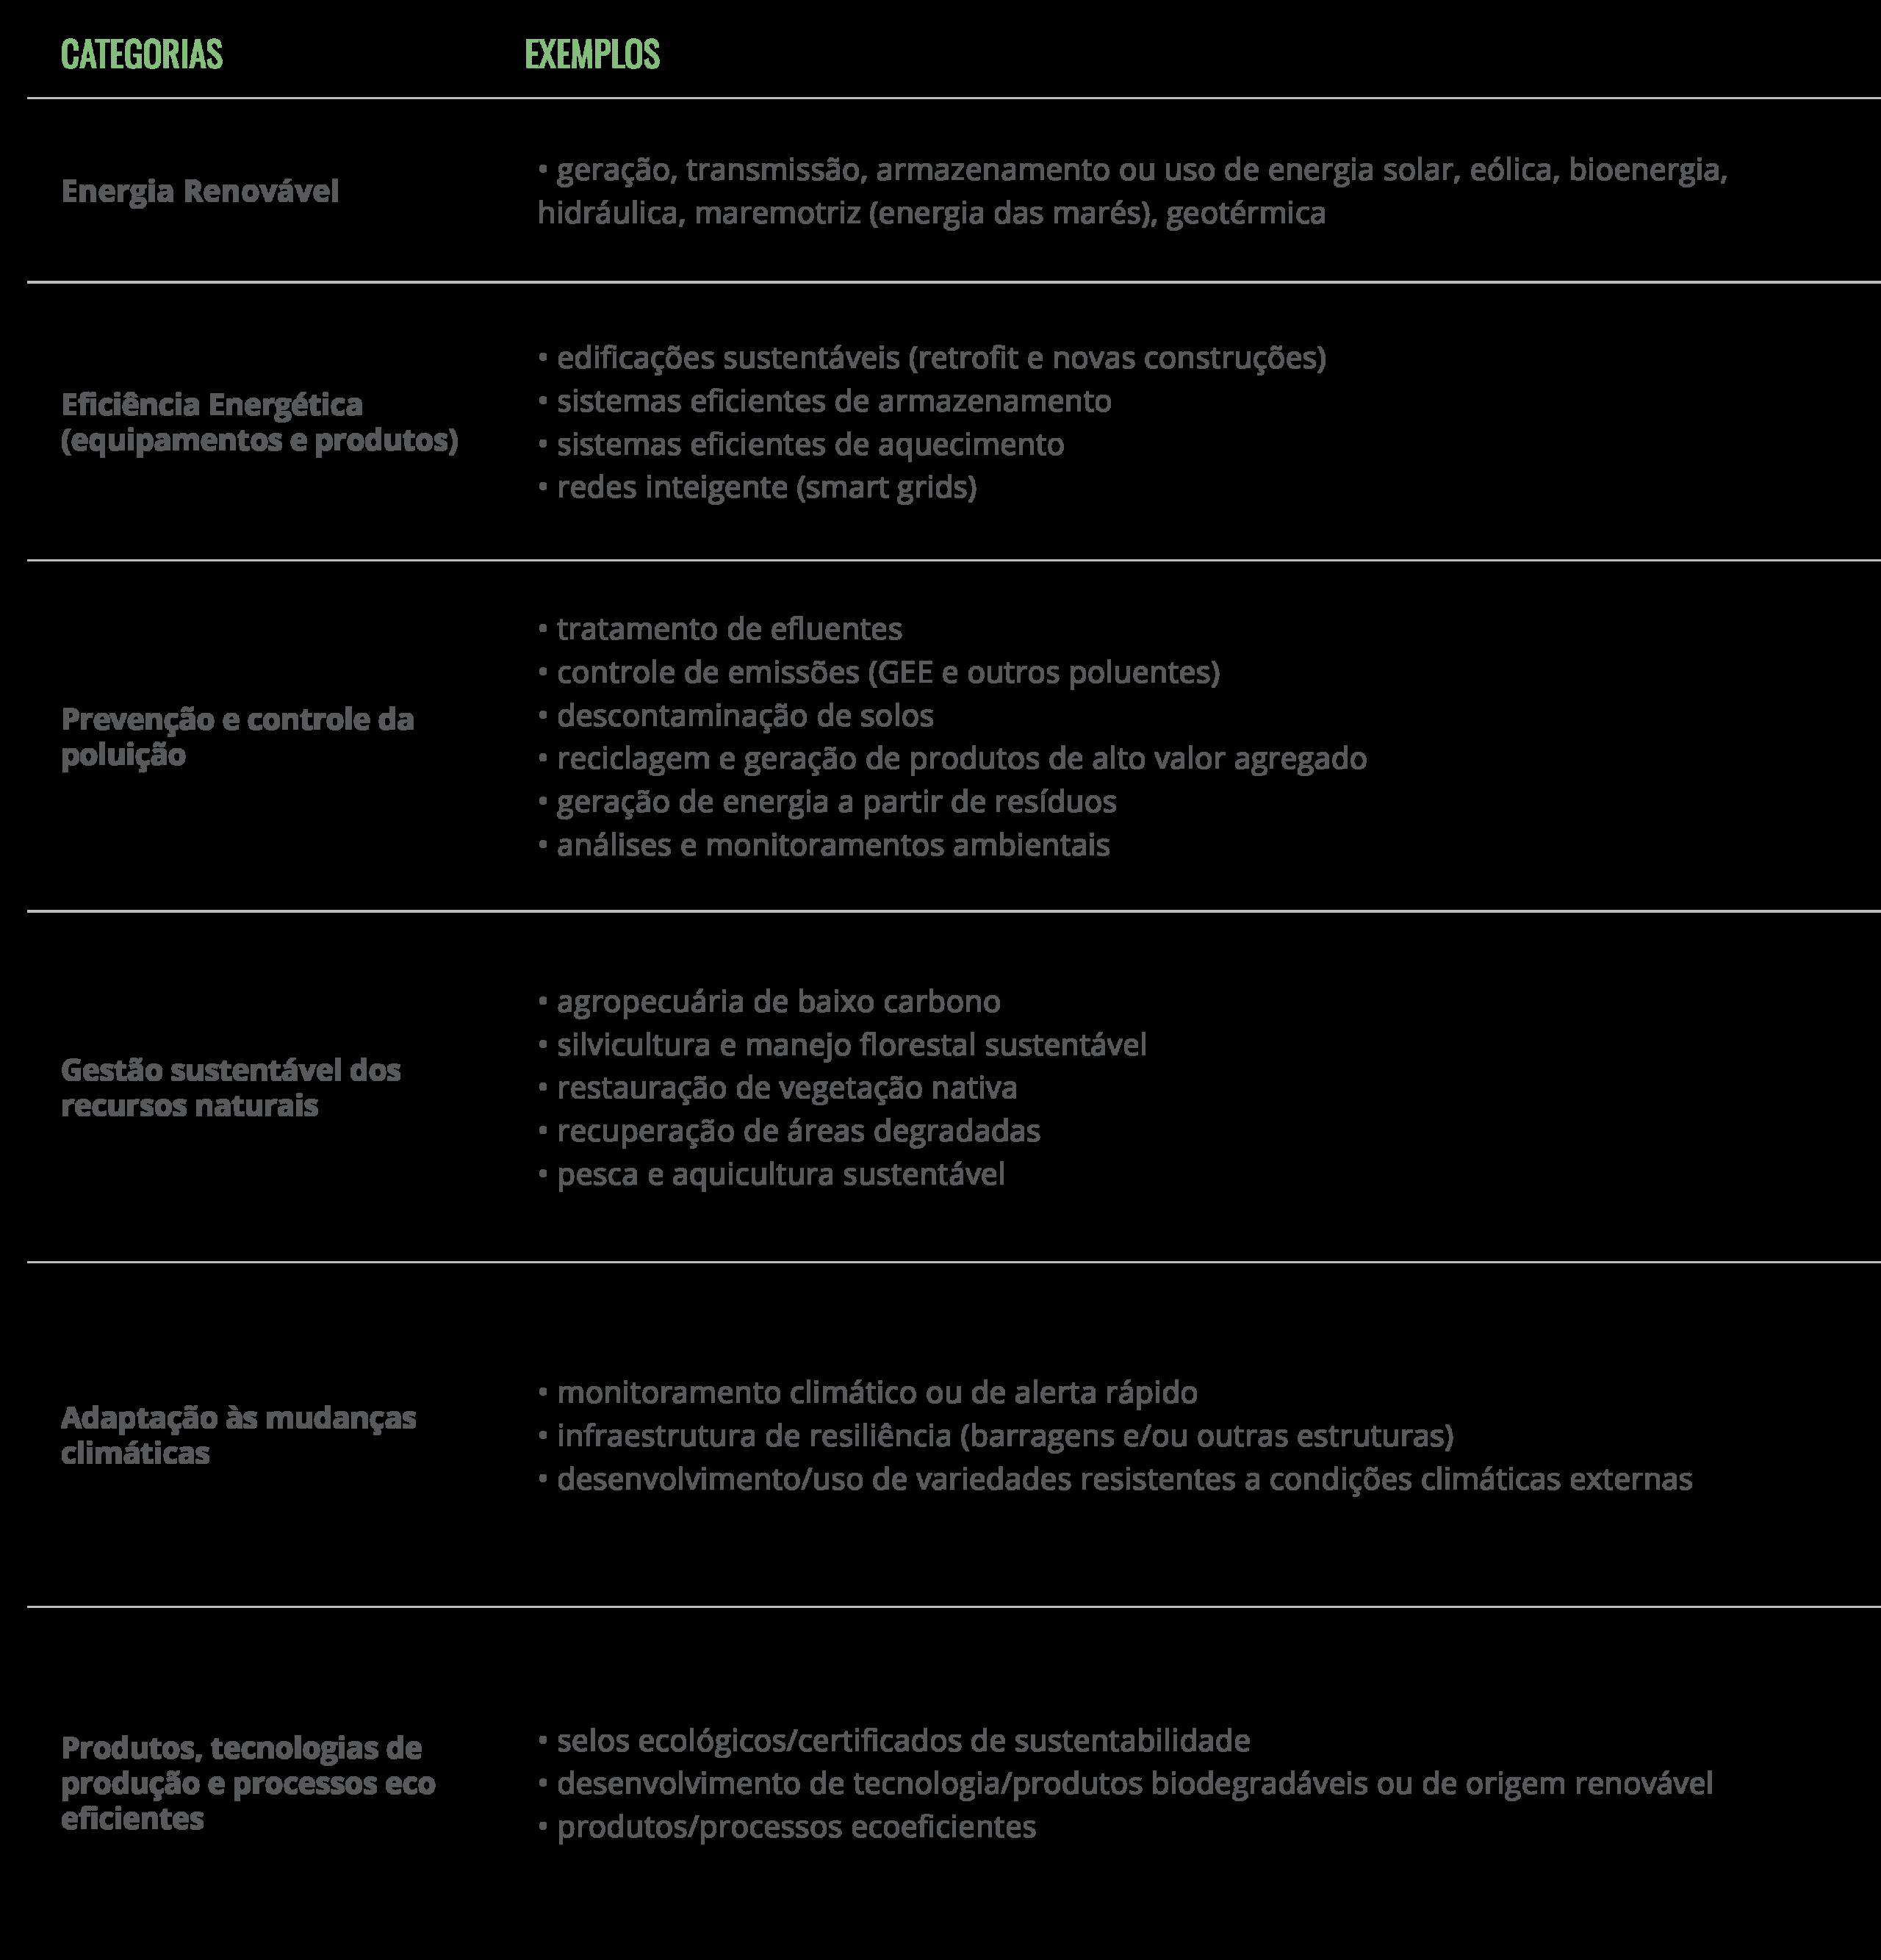 Exemplos de categorias de projetos elegíveis para emissão de títulos verdes